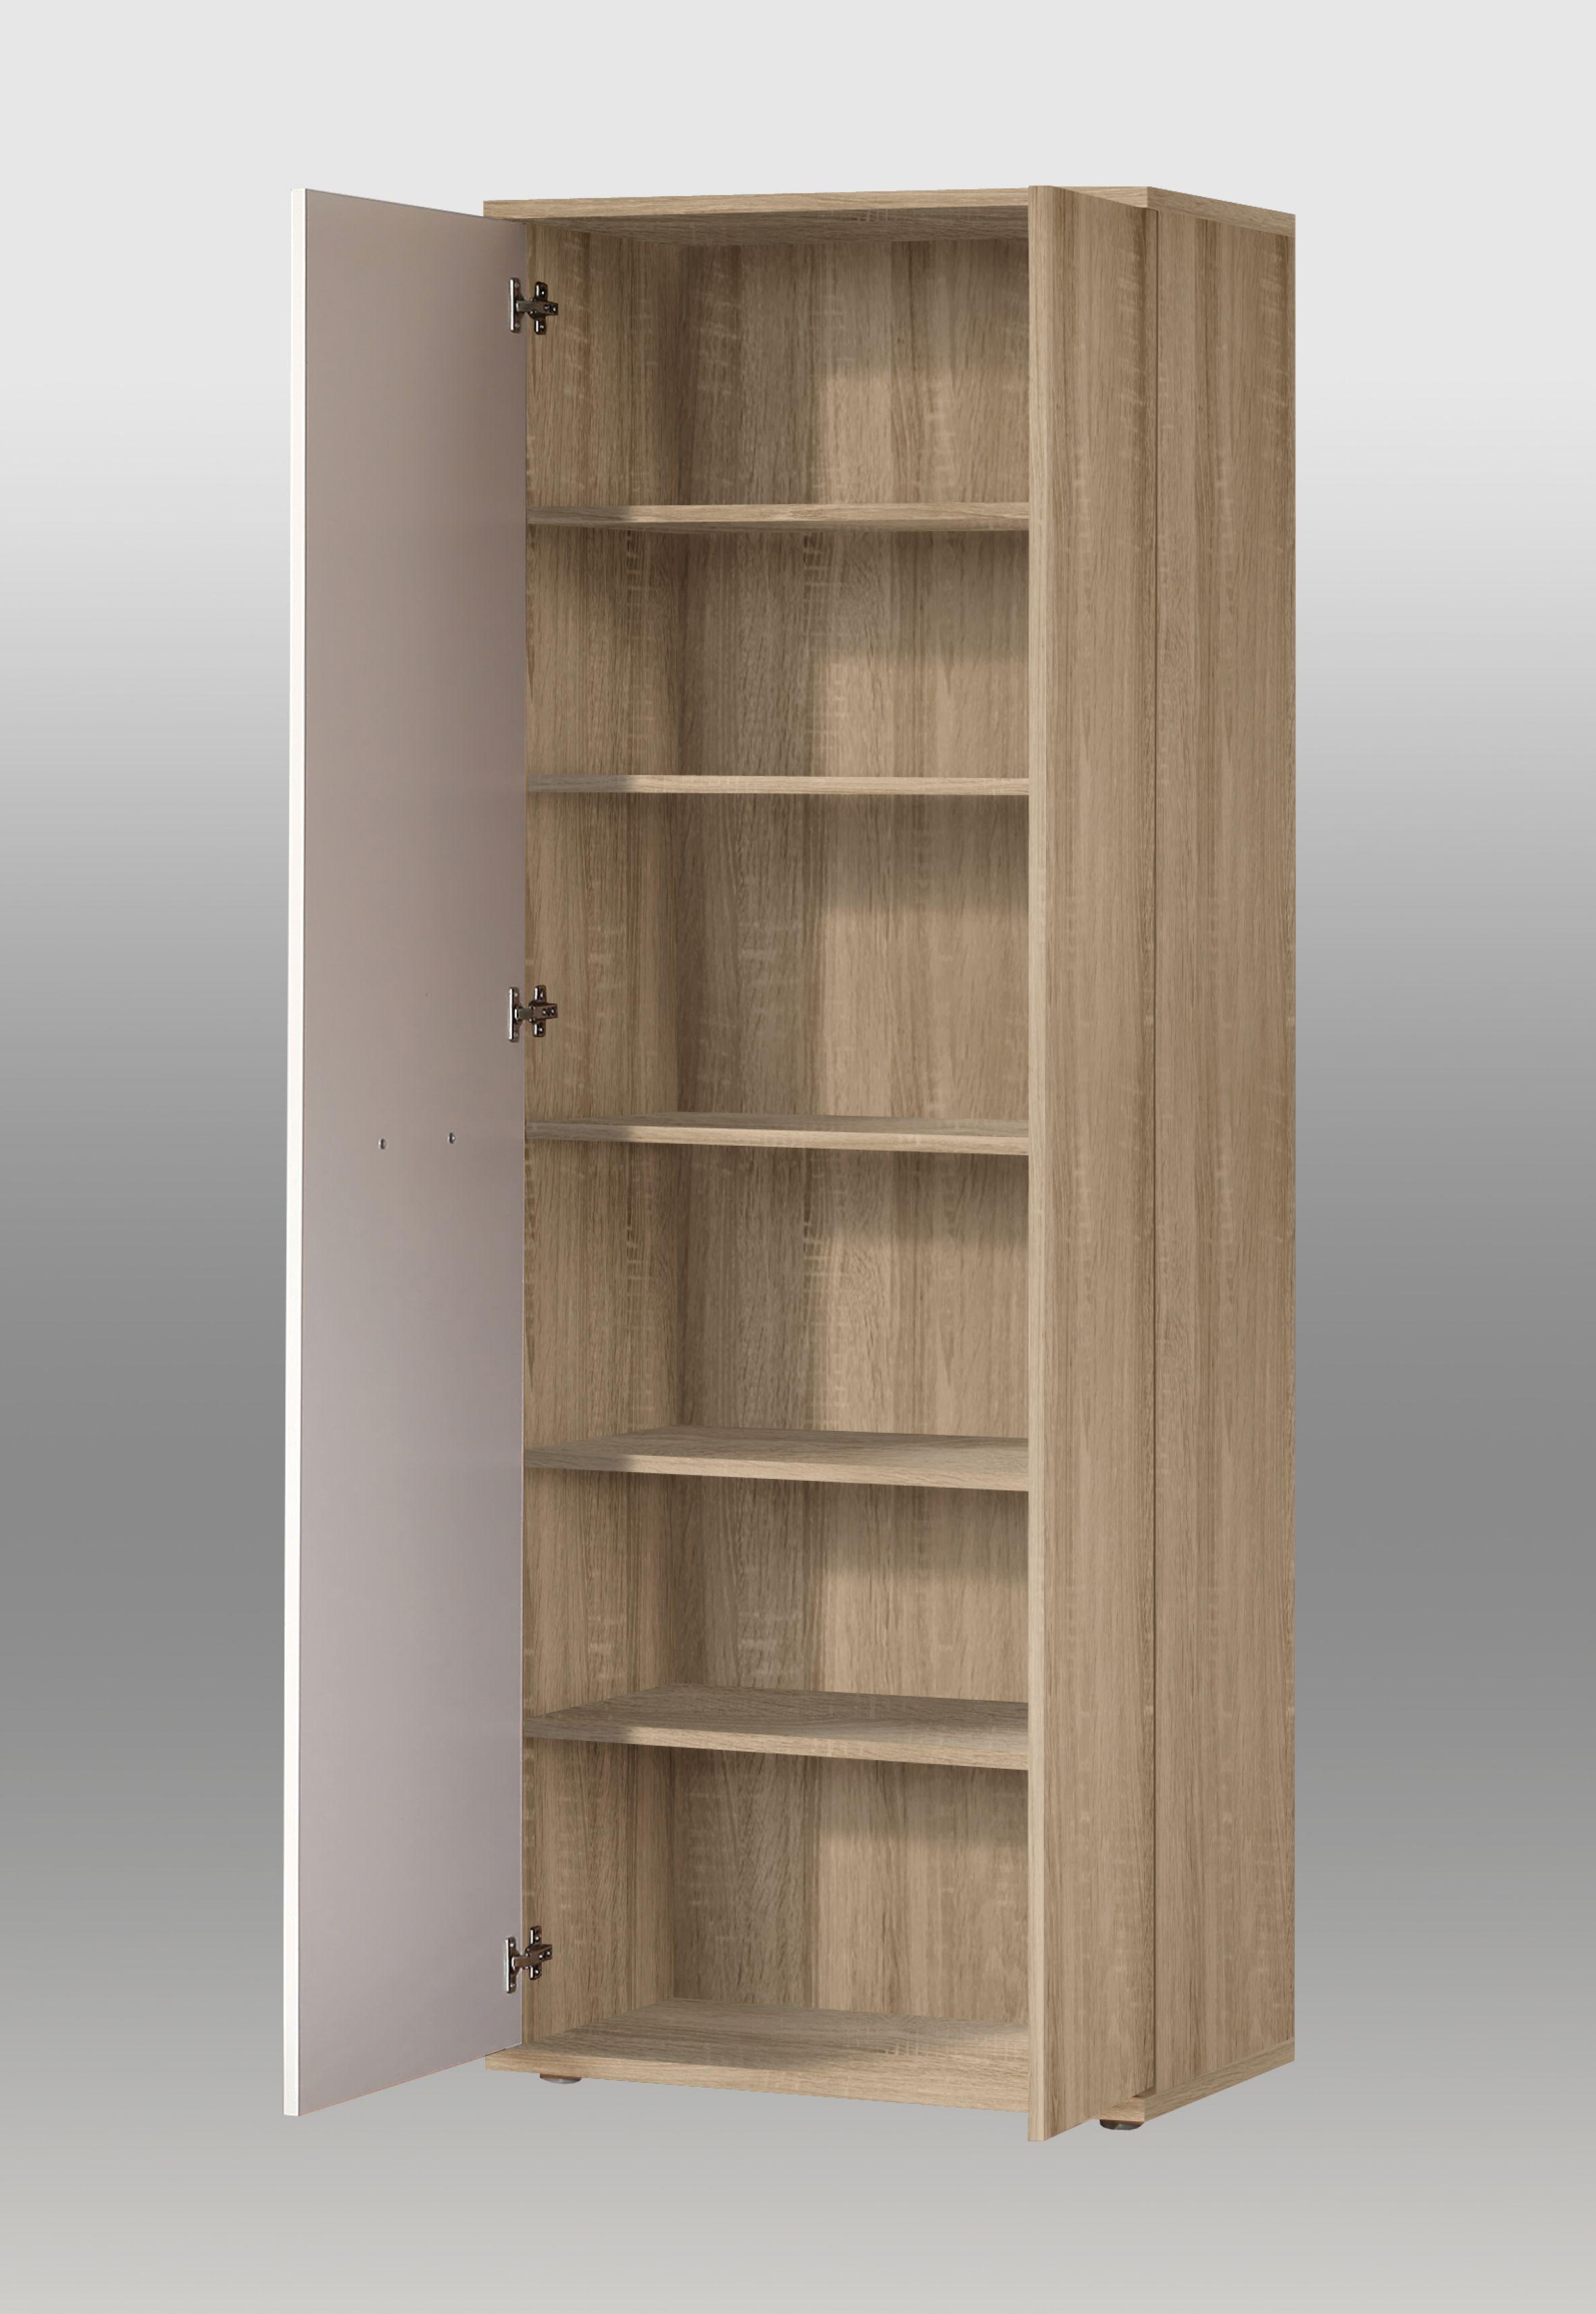 schuhschrank net 106 von forte sonoma eiche wei. Black Bedroom Furniture Sets. Home Design Ideas